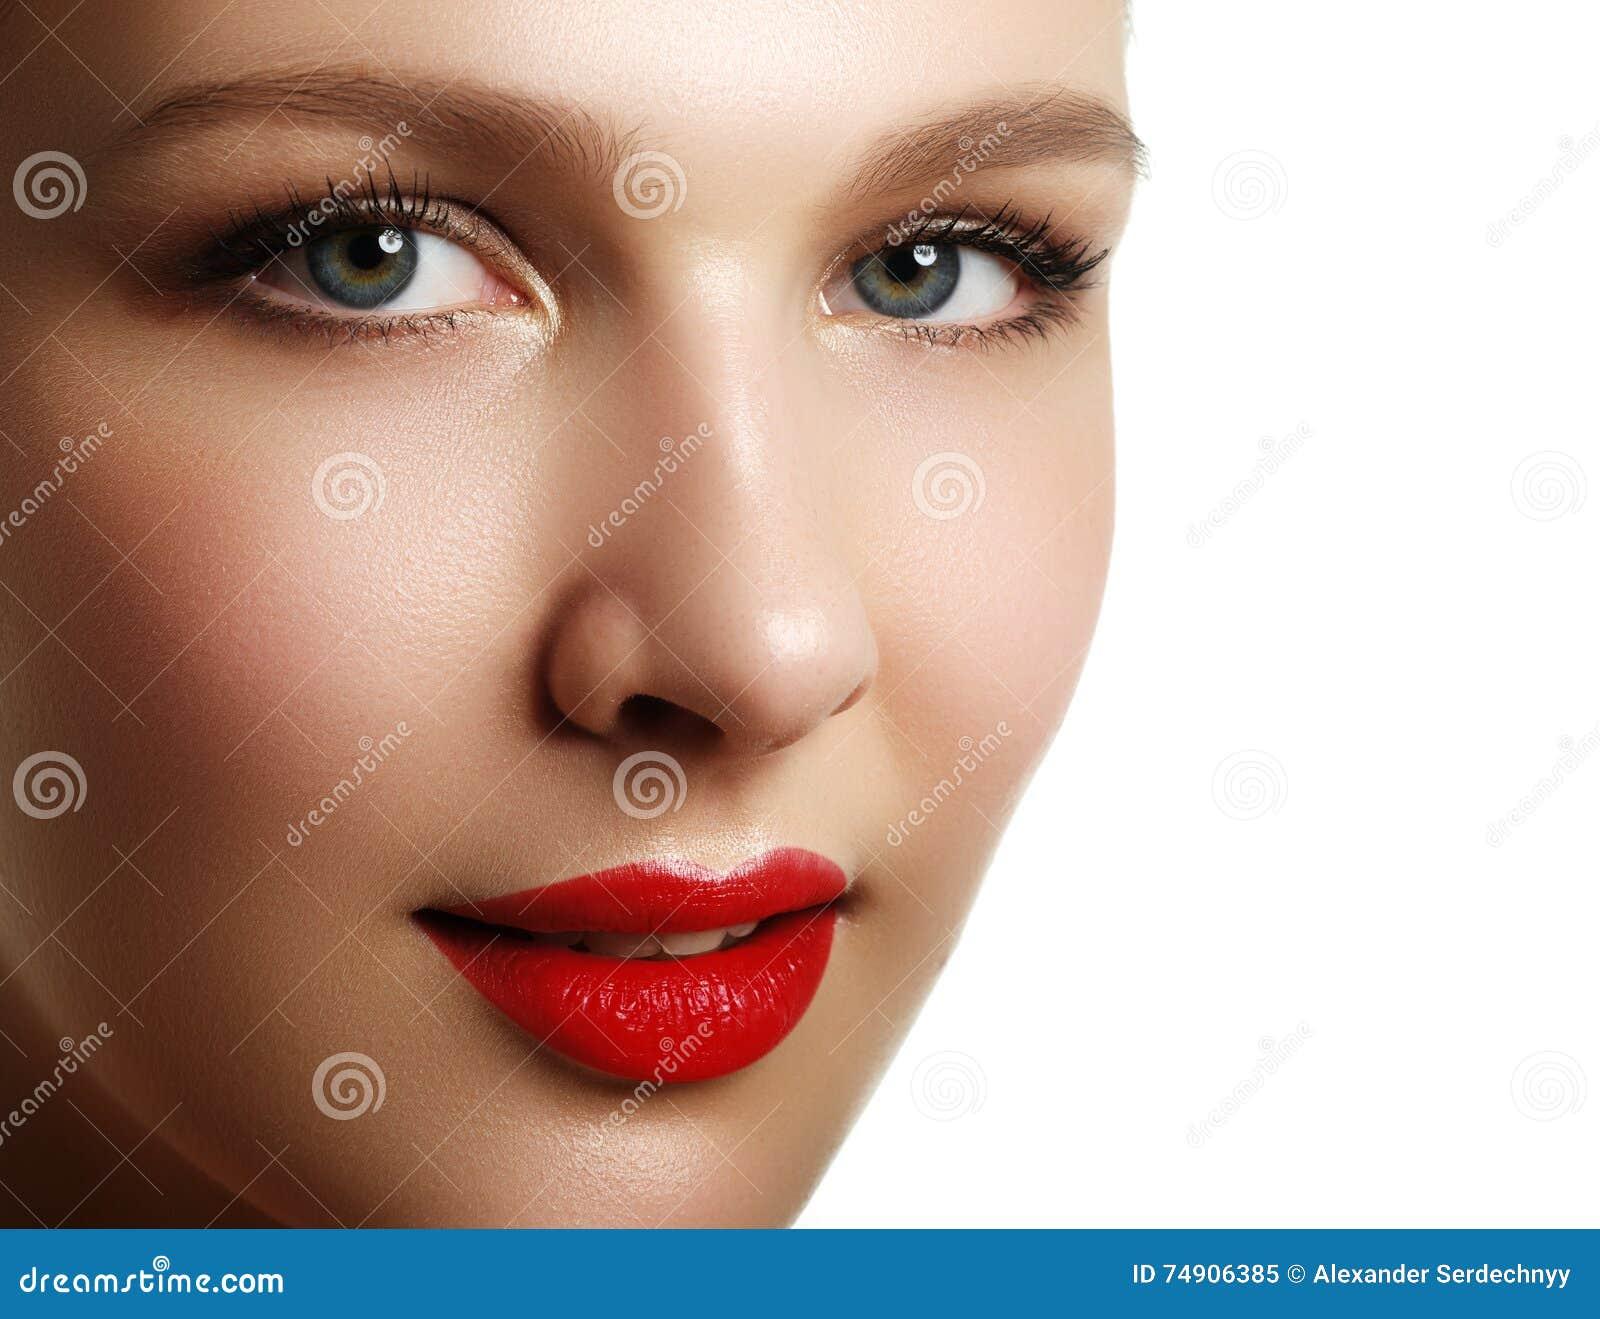 Samenstelling & schoonheidsmiddelen Close-upportret van mooie vrouw modelf